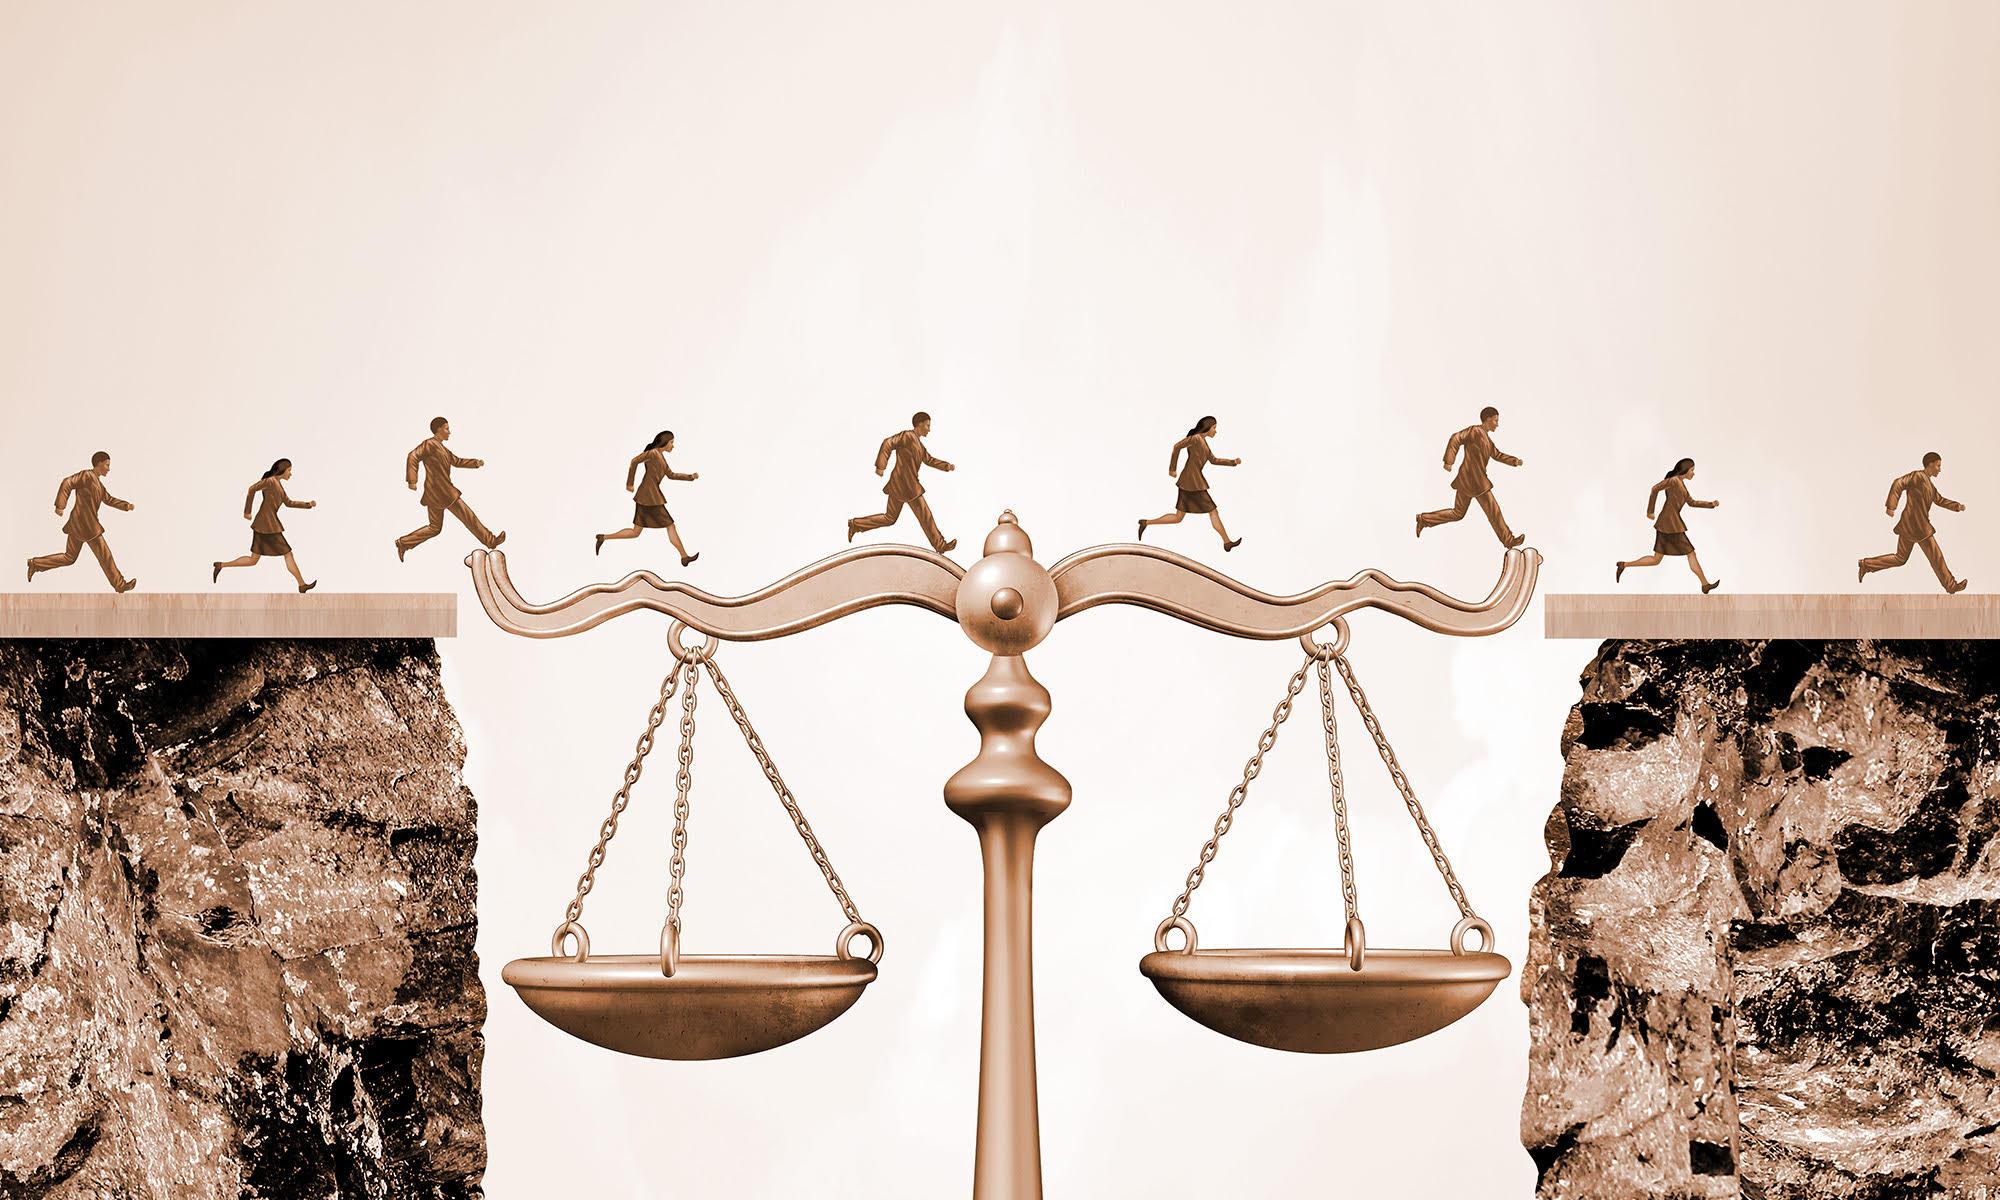 Mreža podrške i suradnje za žrtve i svjedoke kaznenih djela